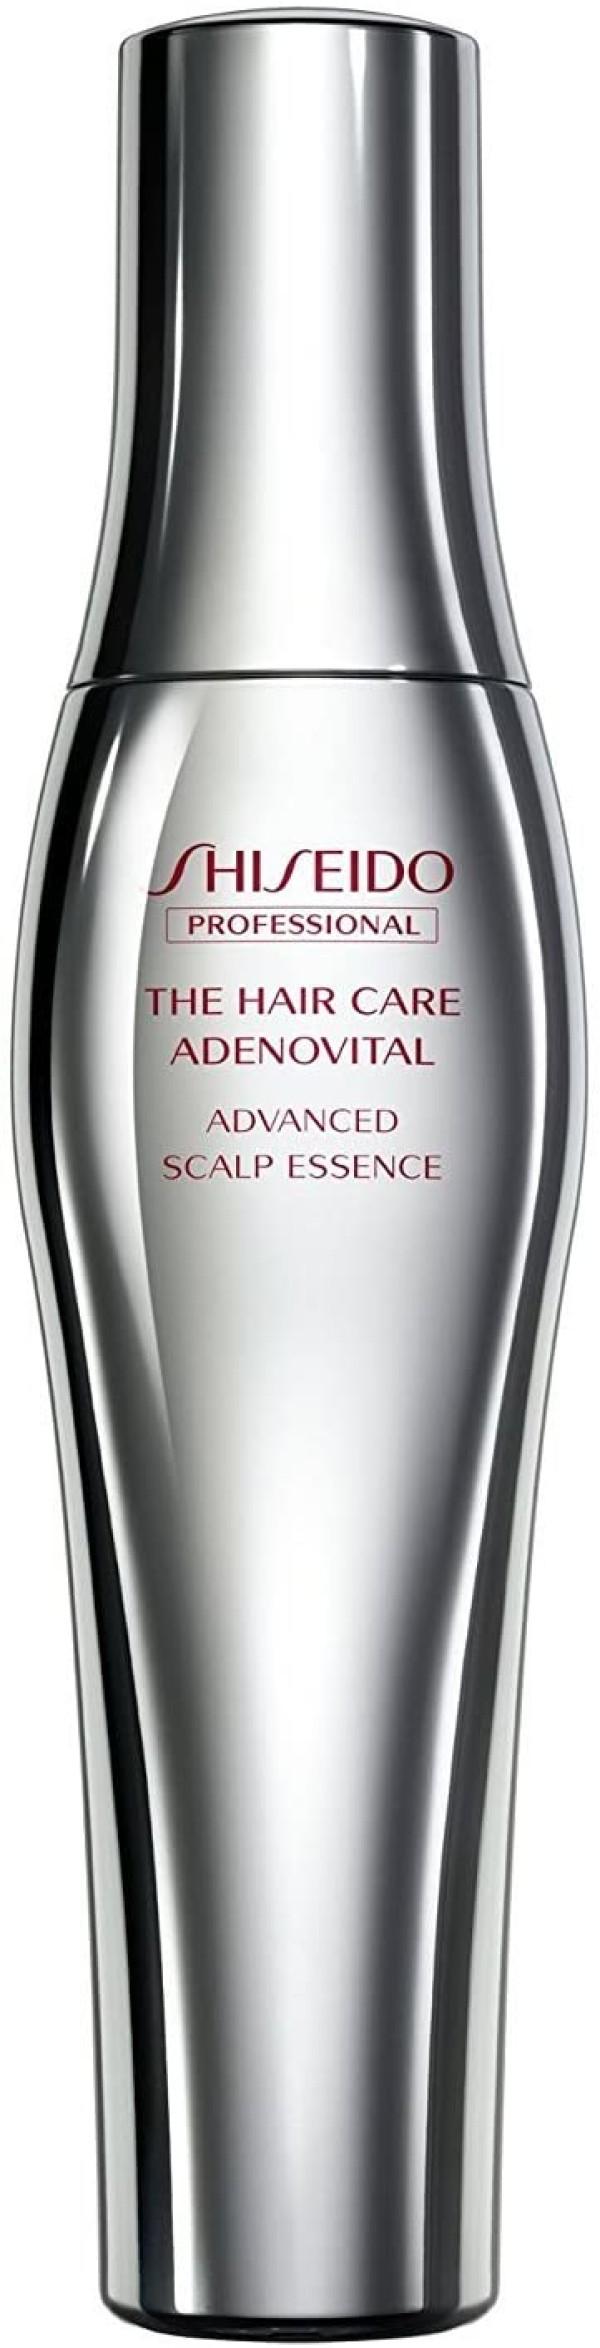 Укрепляющая эссенция для роста волос Shiseido Professional Adenovital Advanced Scalp Essence